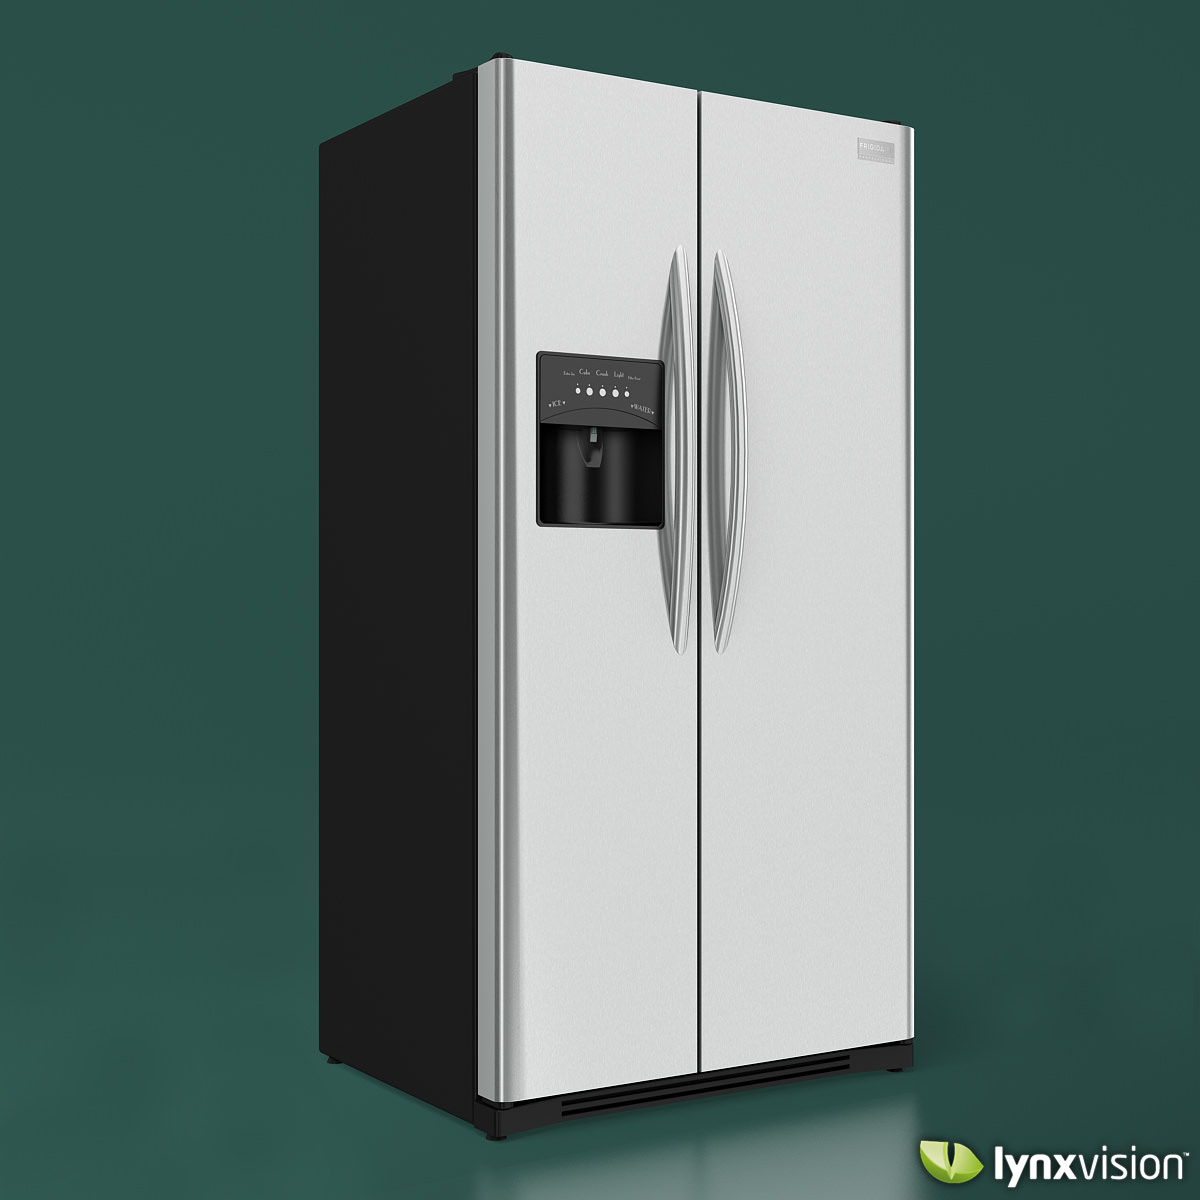 Frigidaire Professional Refrigerator 3D Model .max .obj .fbx ...